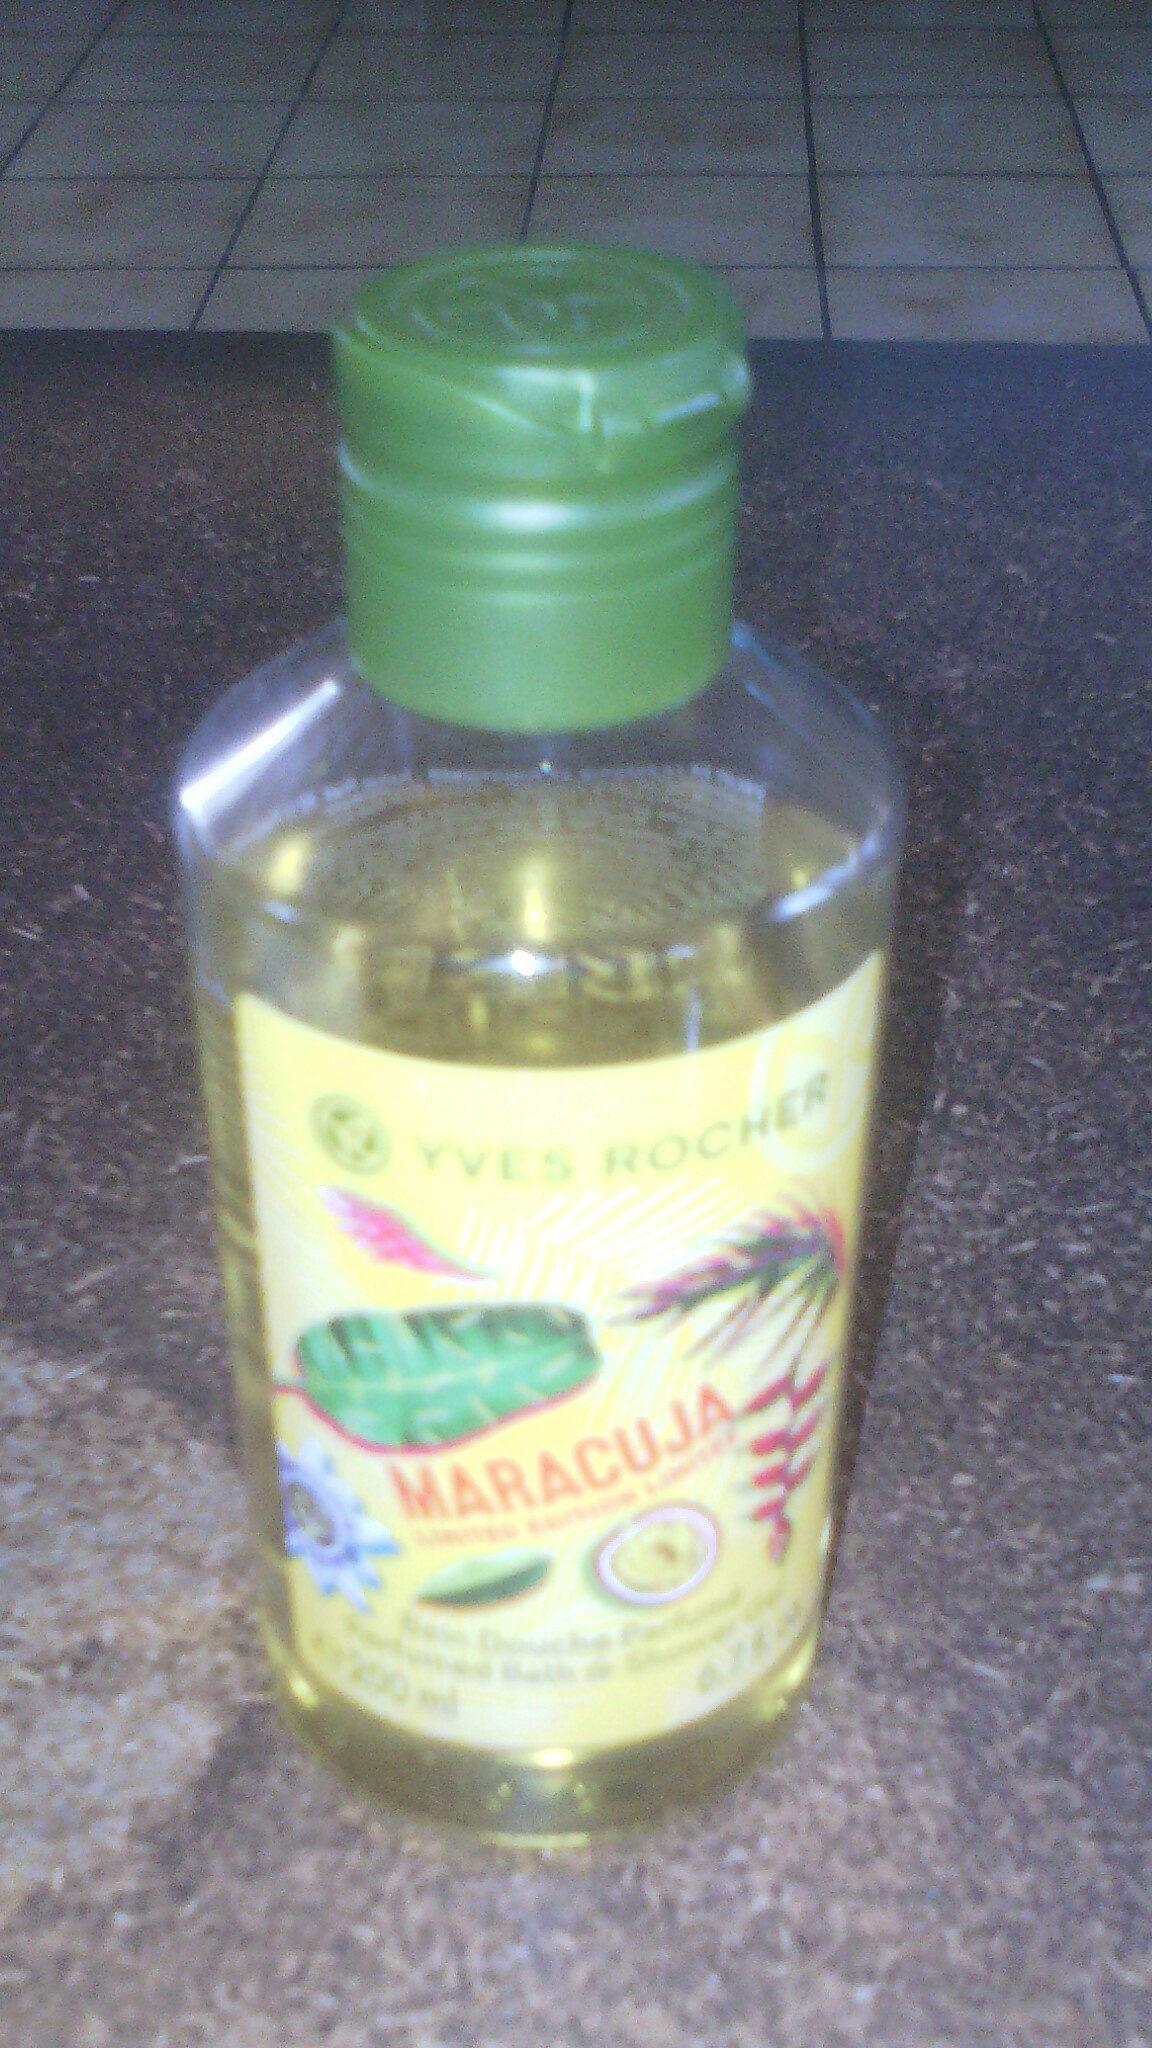 Bain douche parfumé - Maracuja - Product - fr